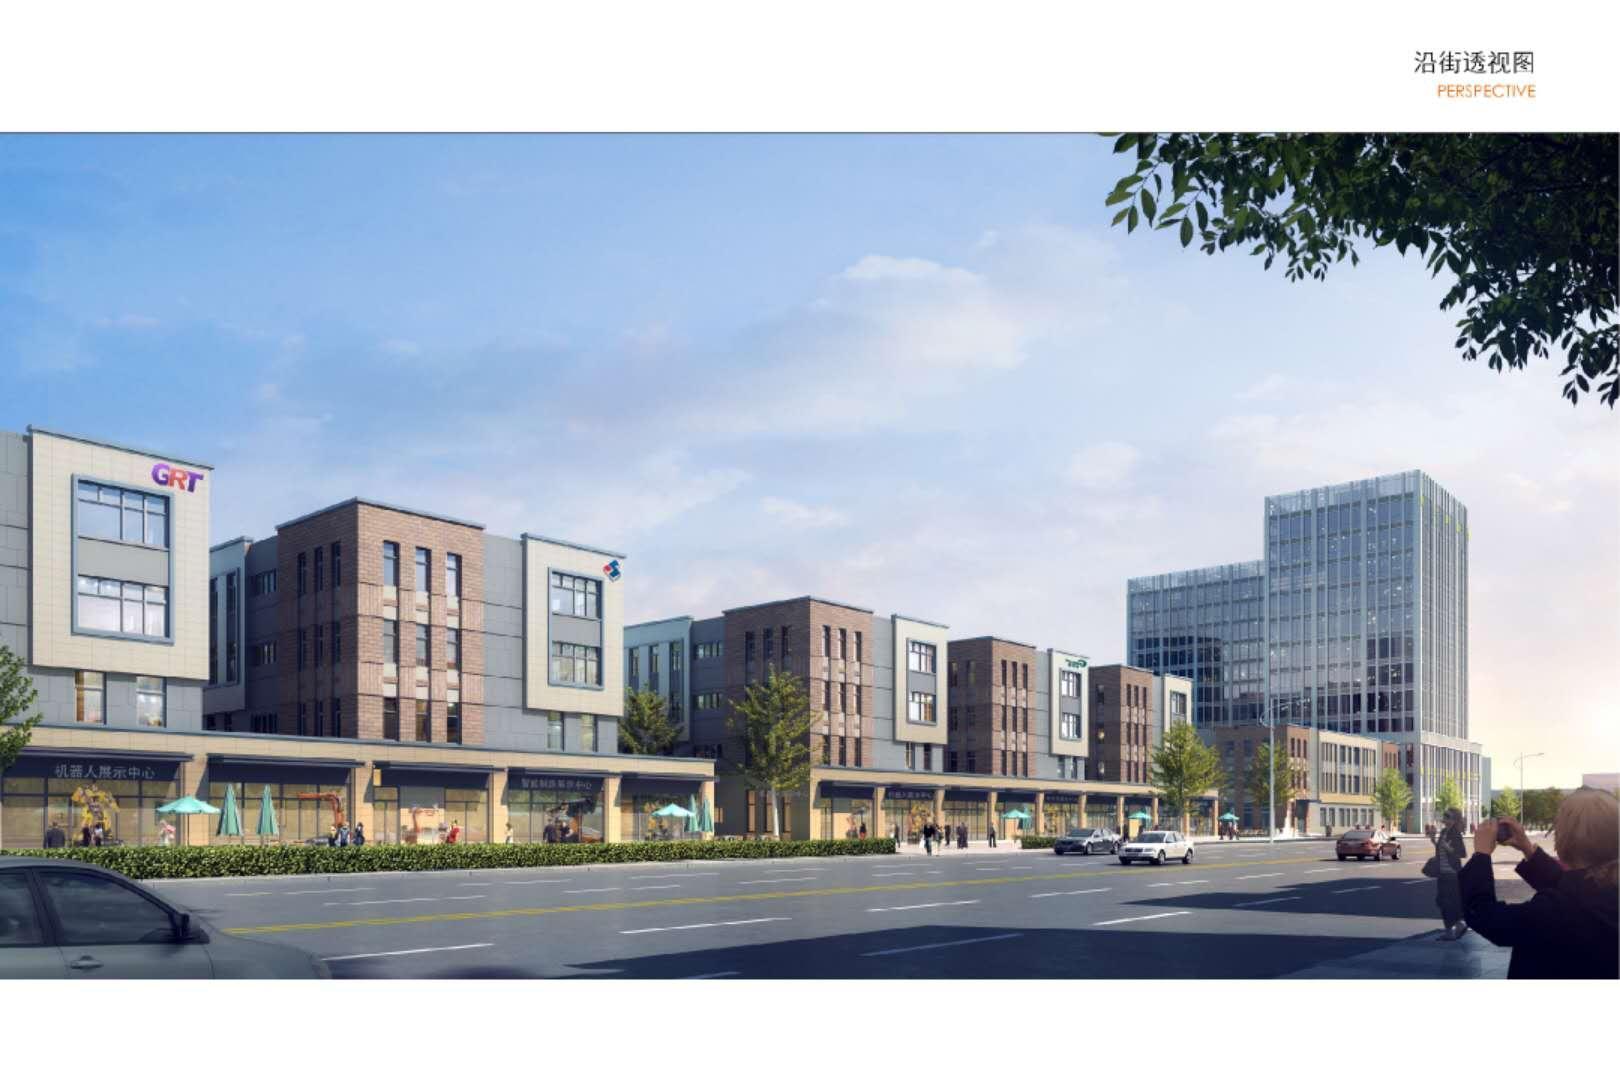 渭北工业园区 核心位置 重点项目